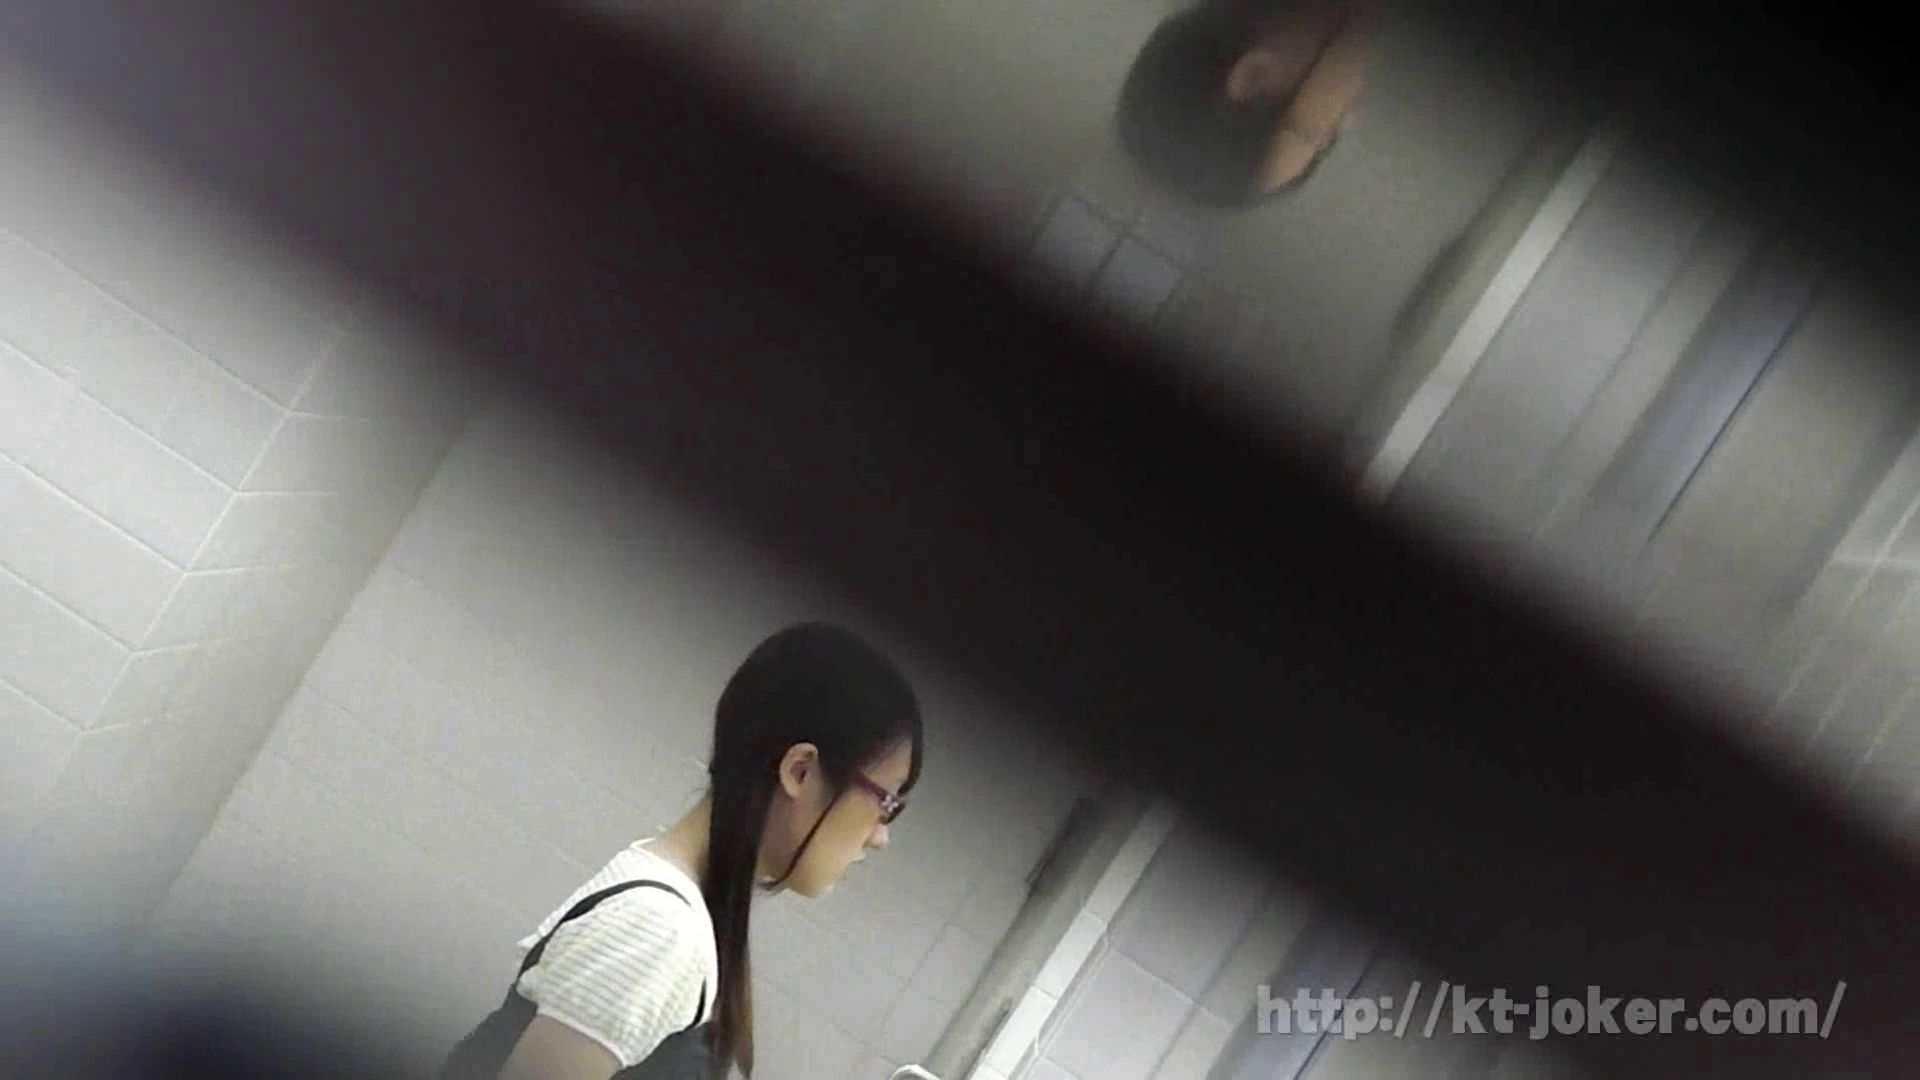 命がけ潜伏洗面所! vol.66 ナイスドアップ、外撮り!! OLの実態 のぞき動画画像 71pic 68